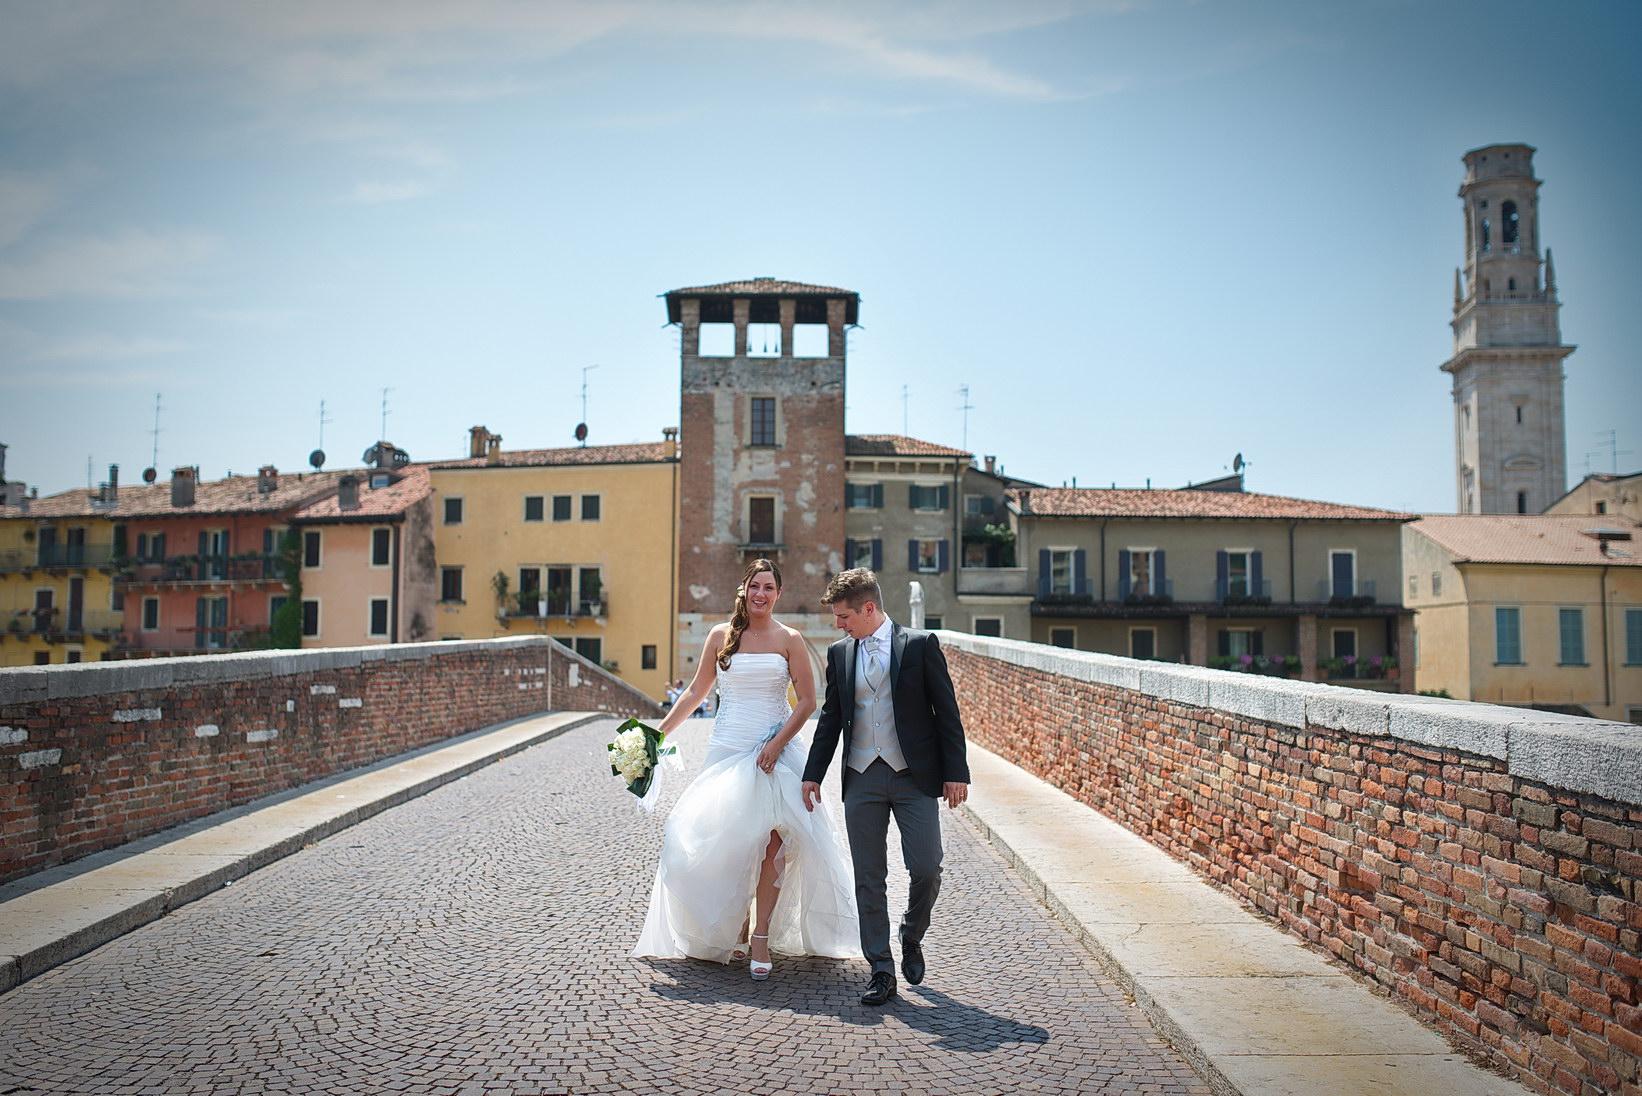 Matrimonio In Verona : Fotografo matrimonio verona. il fotografo che racconta la tua vita.